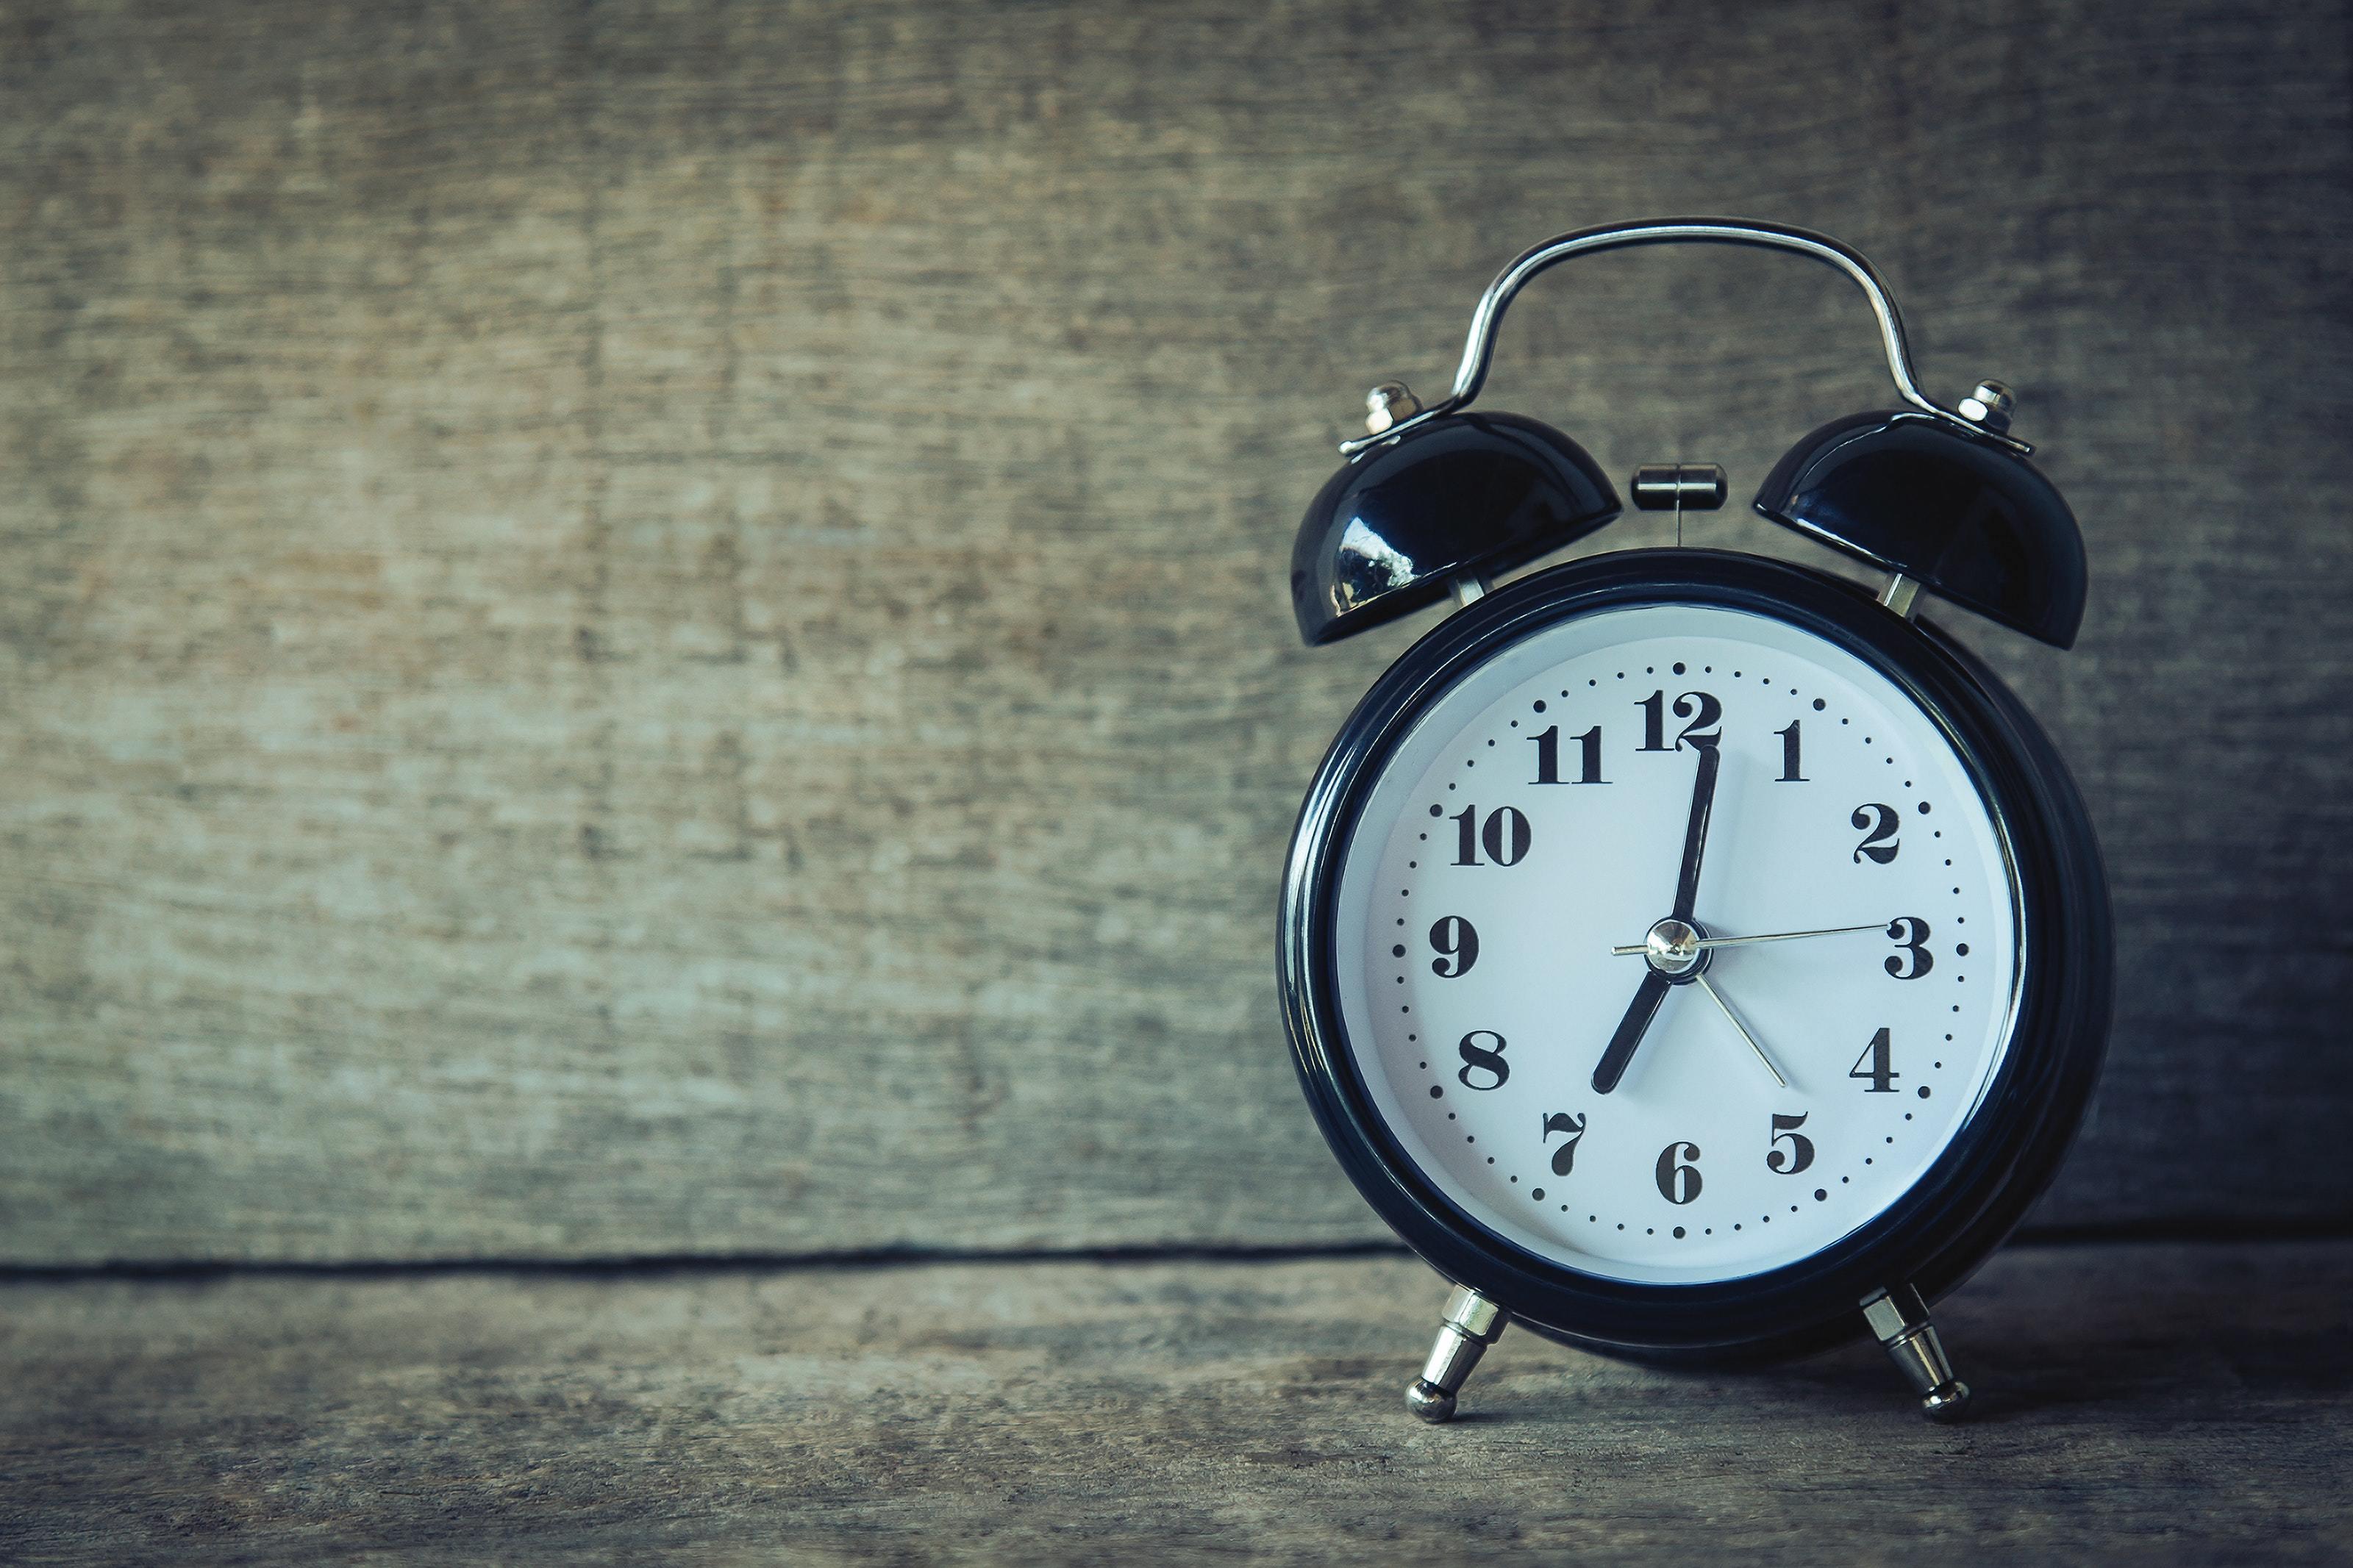 Accurate Alarm Alarm Clock 359989